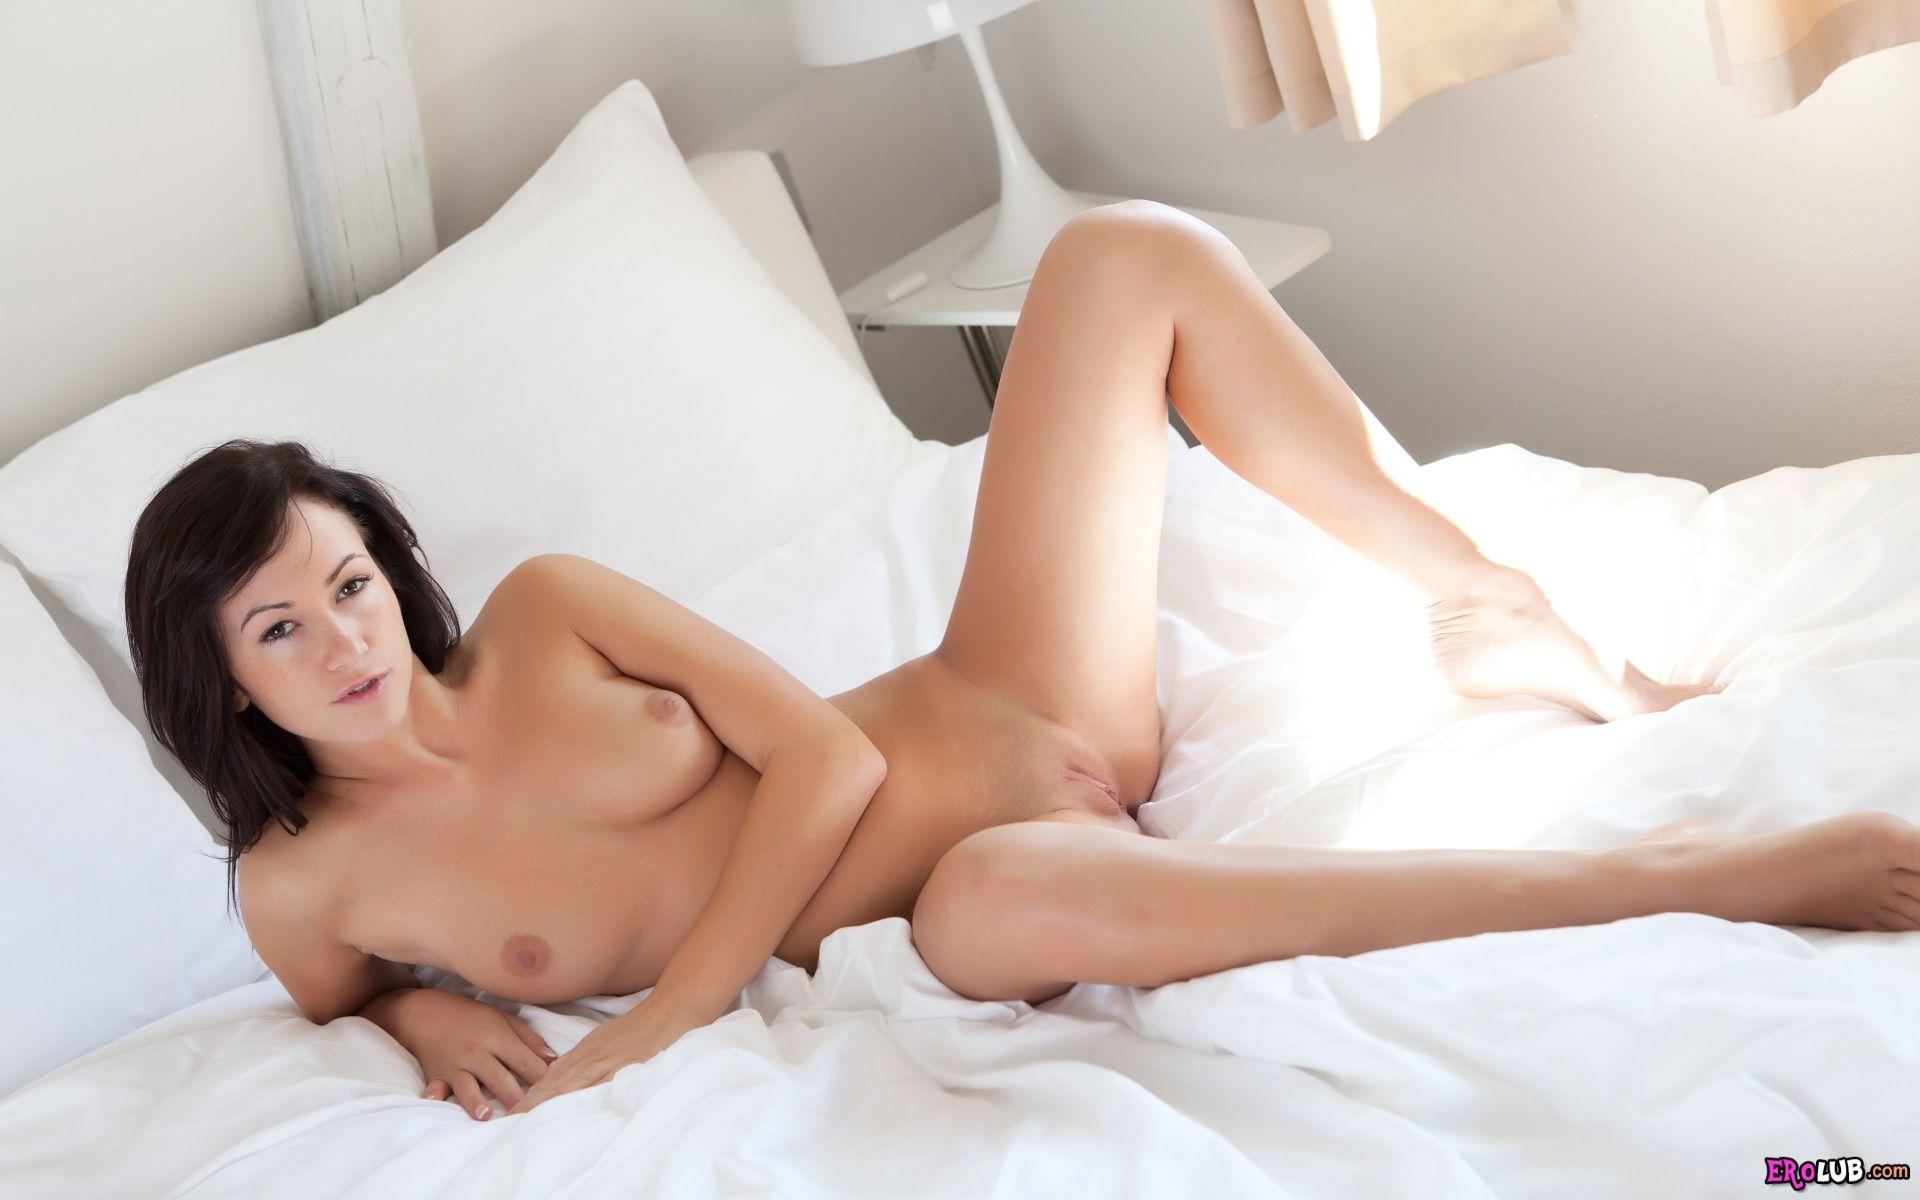 секс нудистов в постели